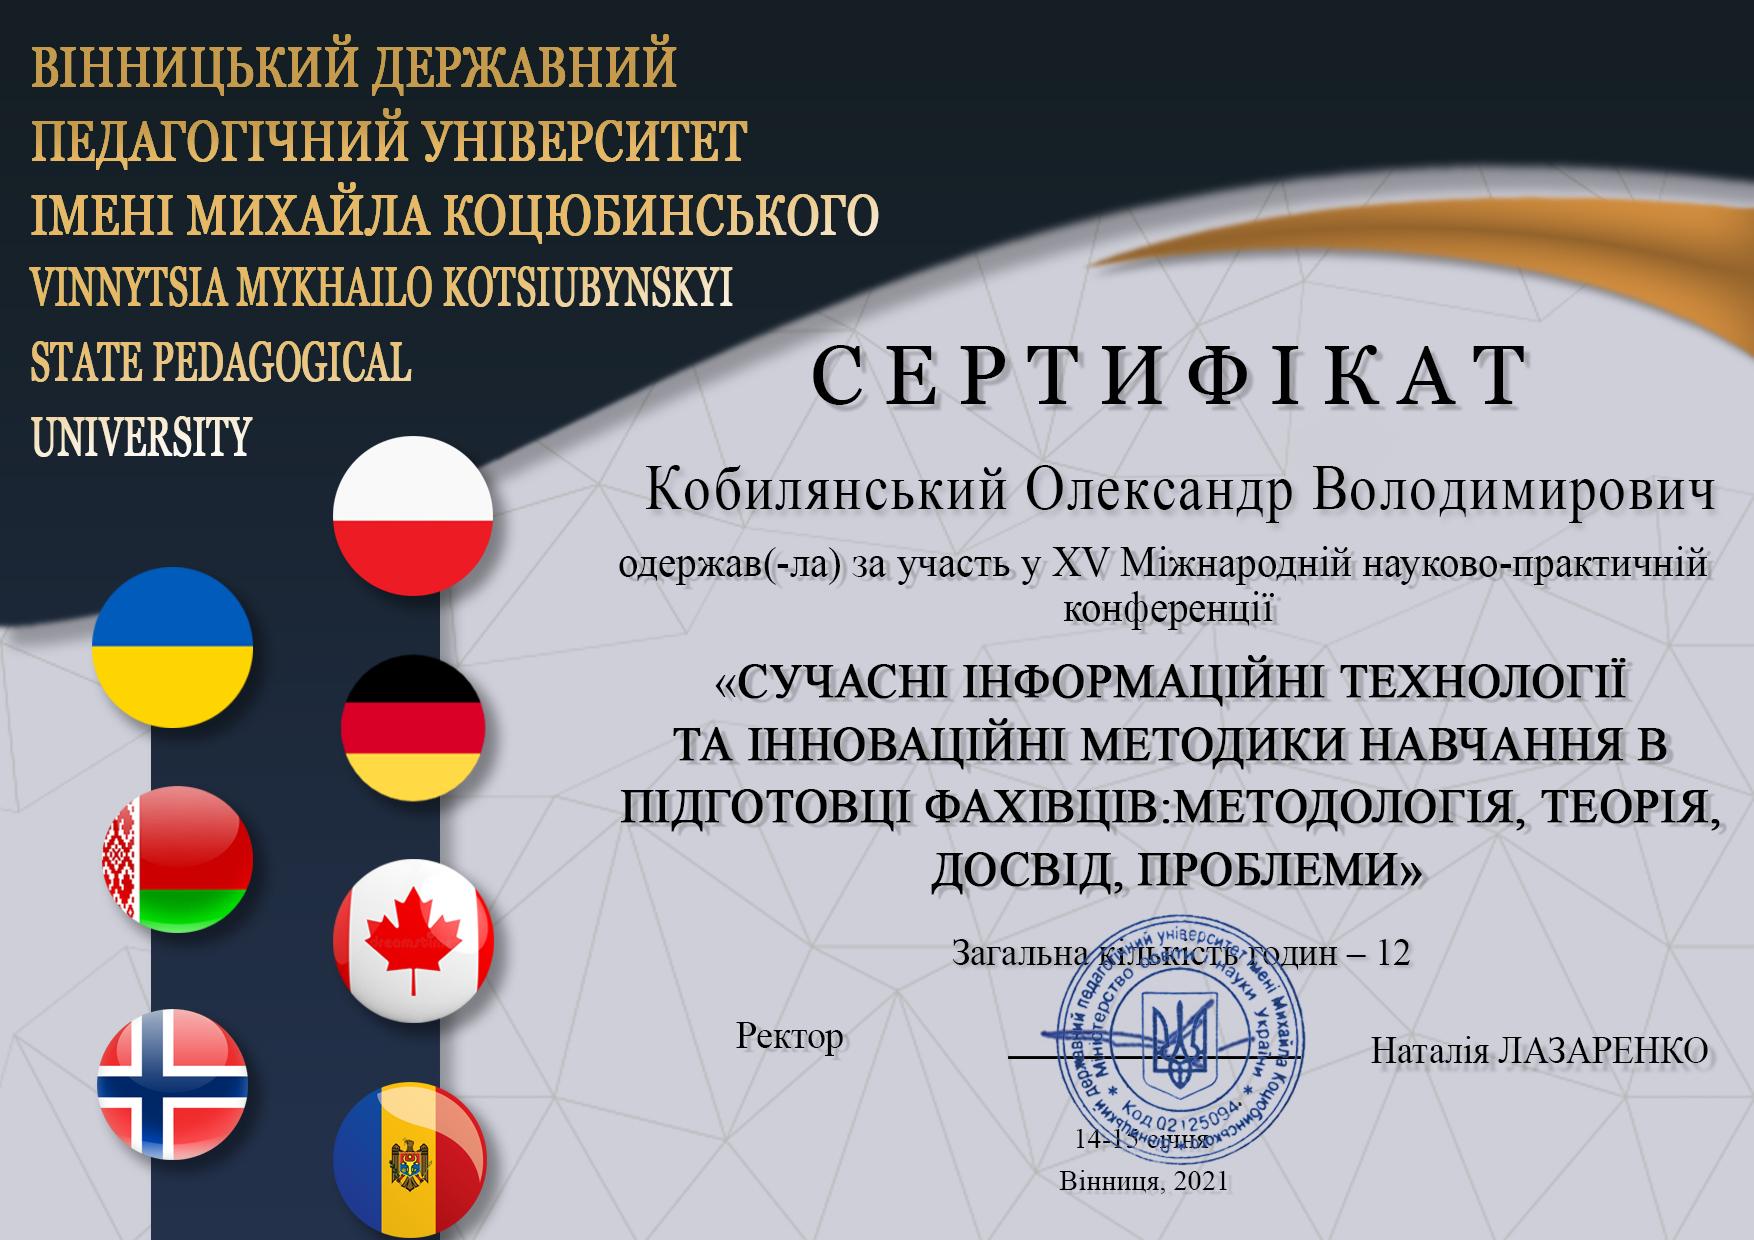 Кобилянський Олександр Володимирович